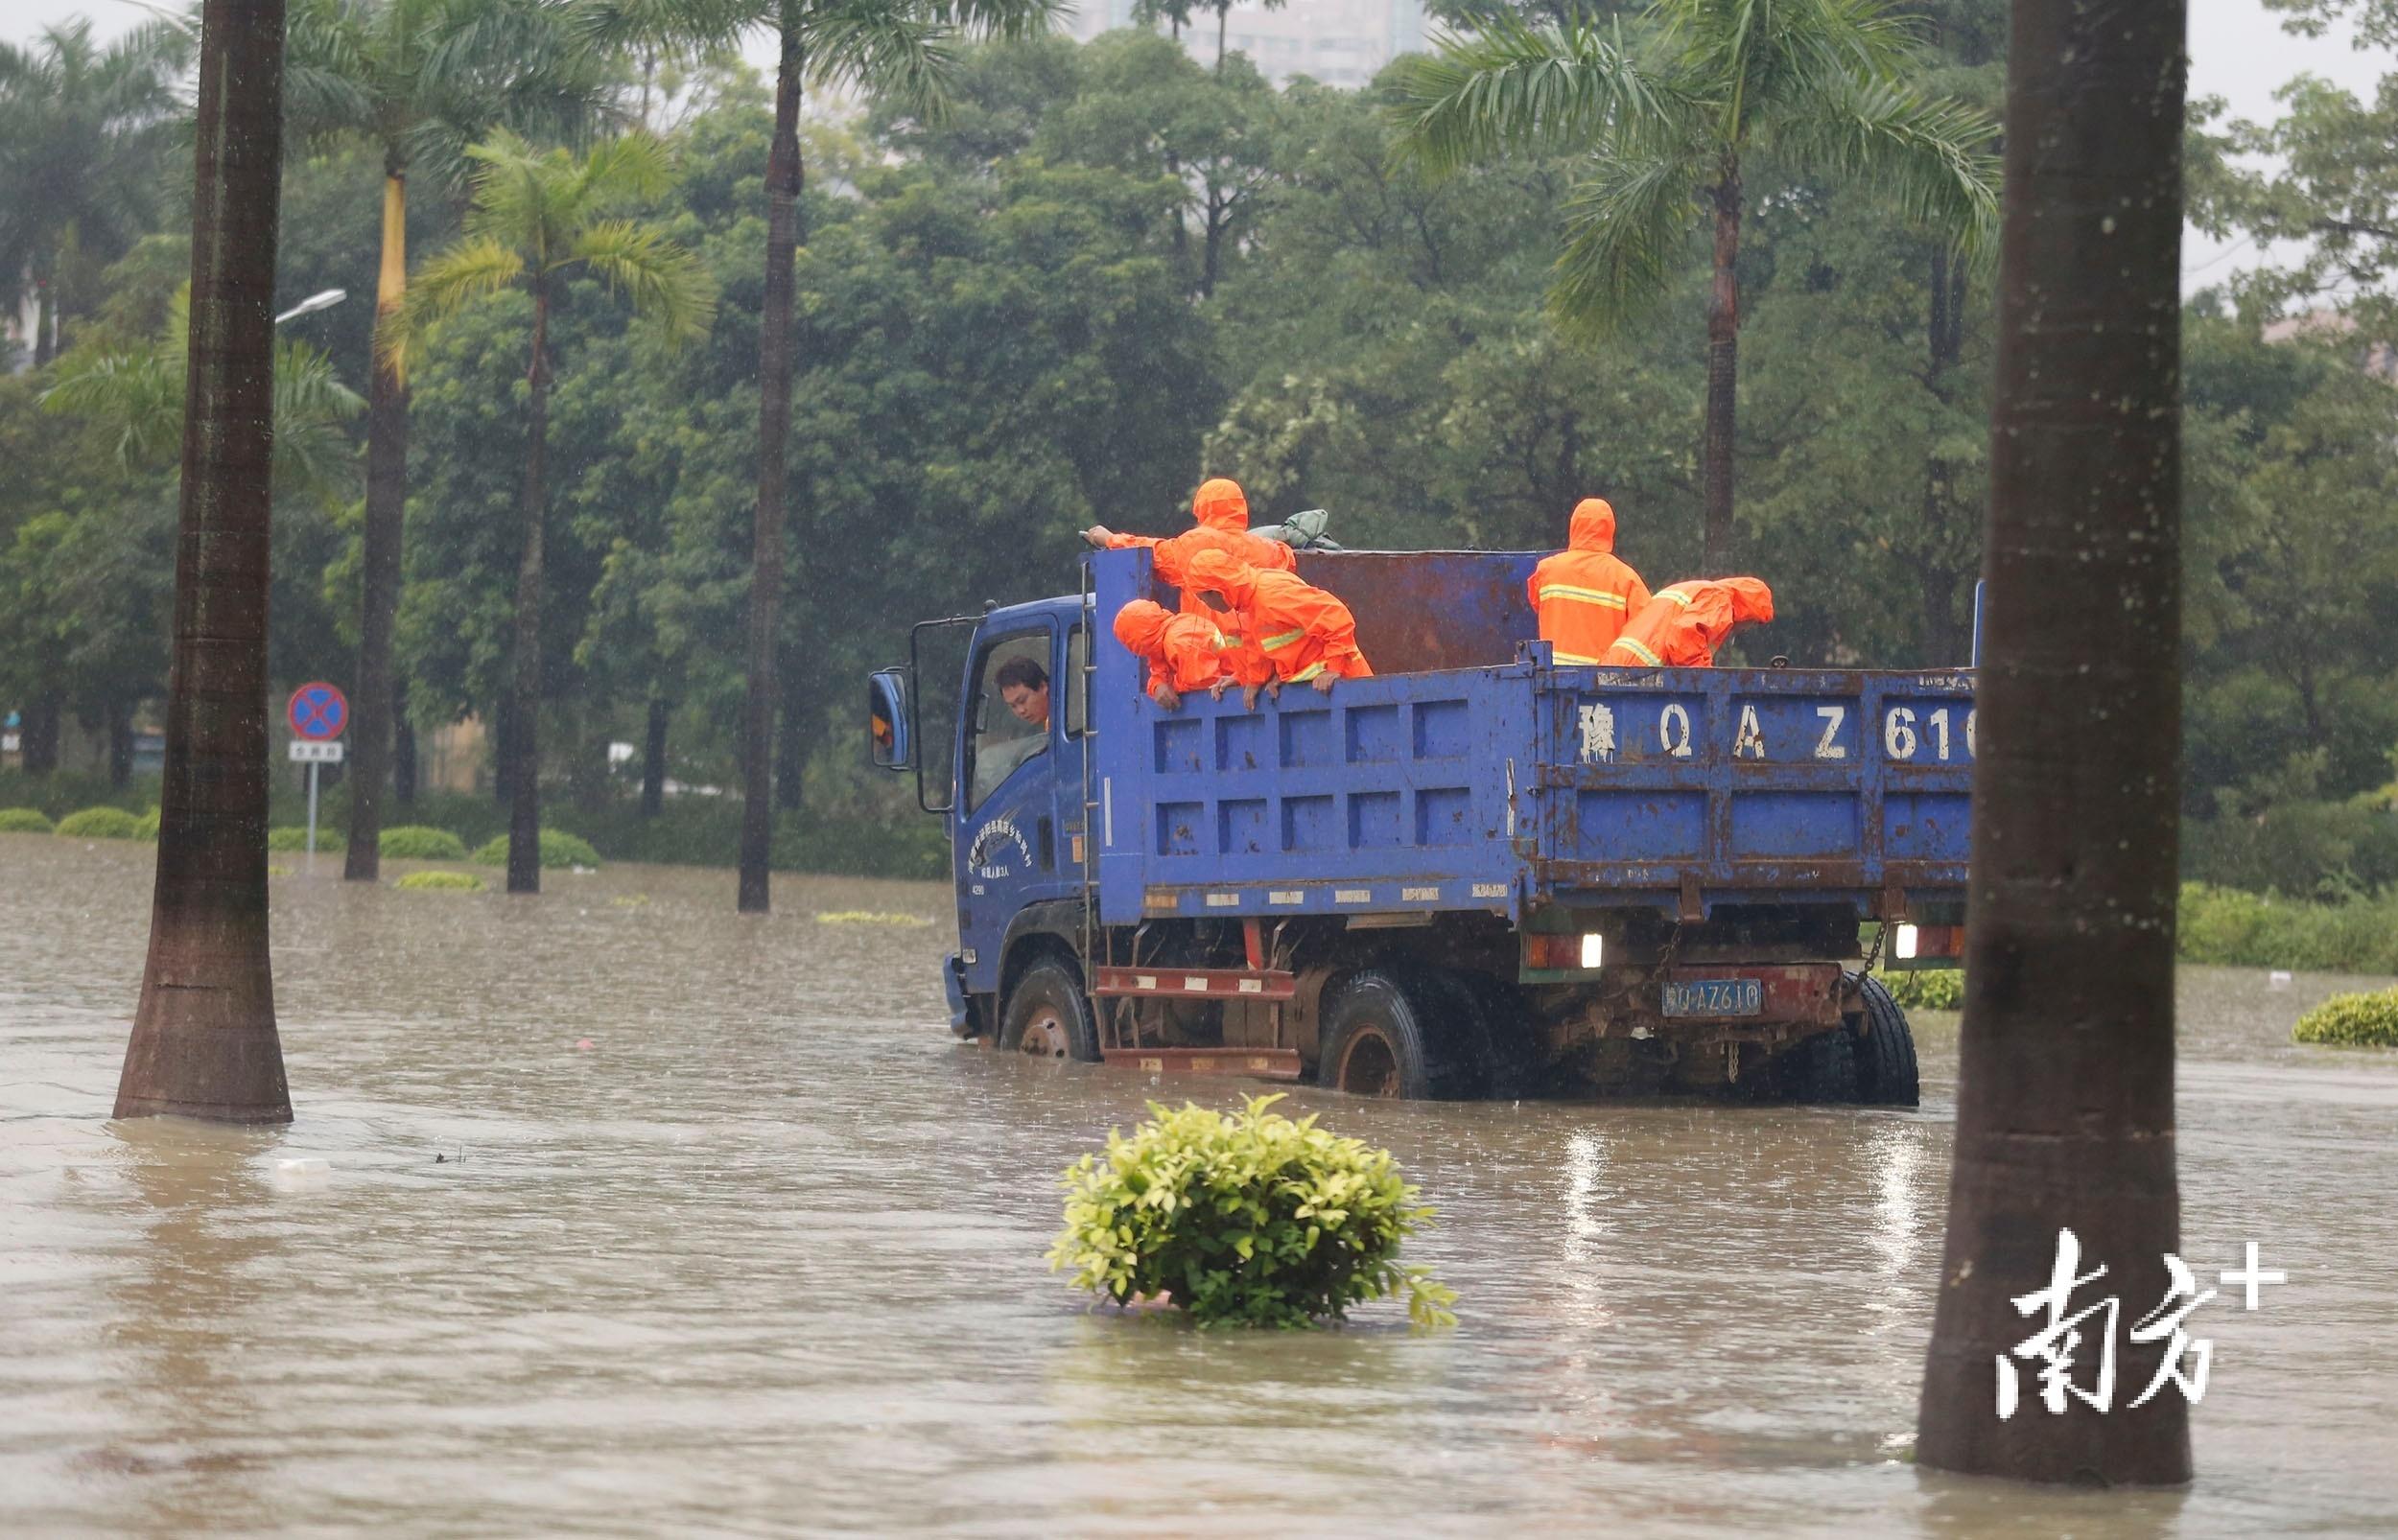 10月10日12时36分,三乡镇新城路,载着环卫工人的卡车准备涉水前行,最终因为积水太深而原路返回。 南方+ 叶志文 摄